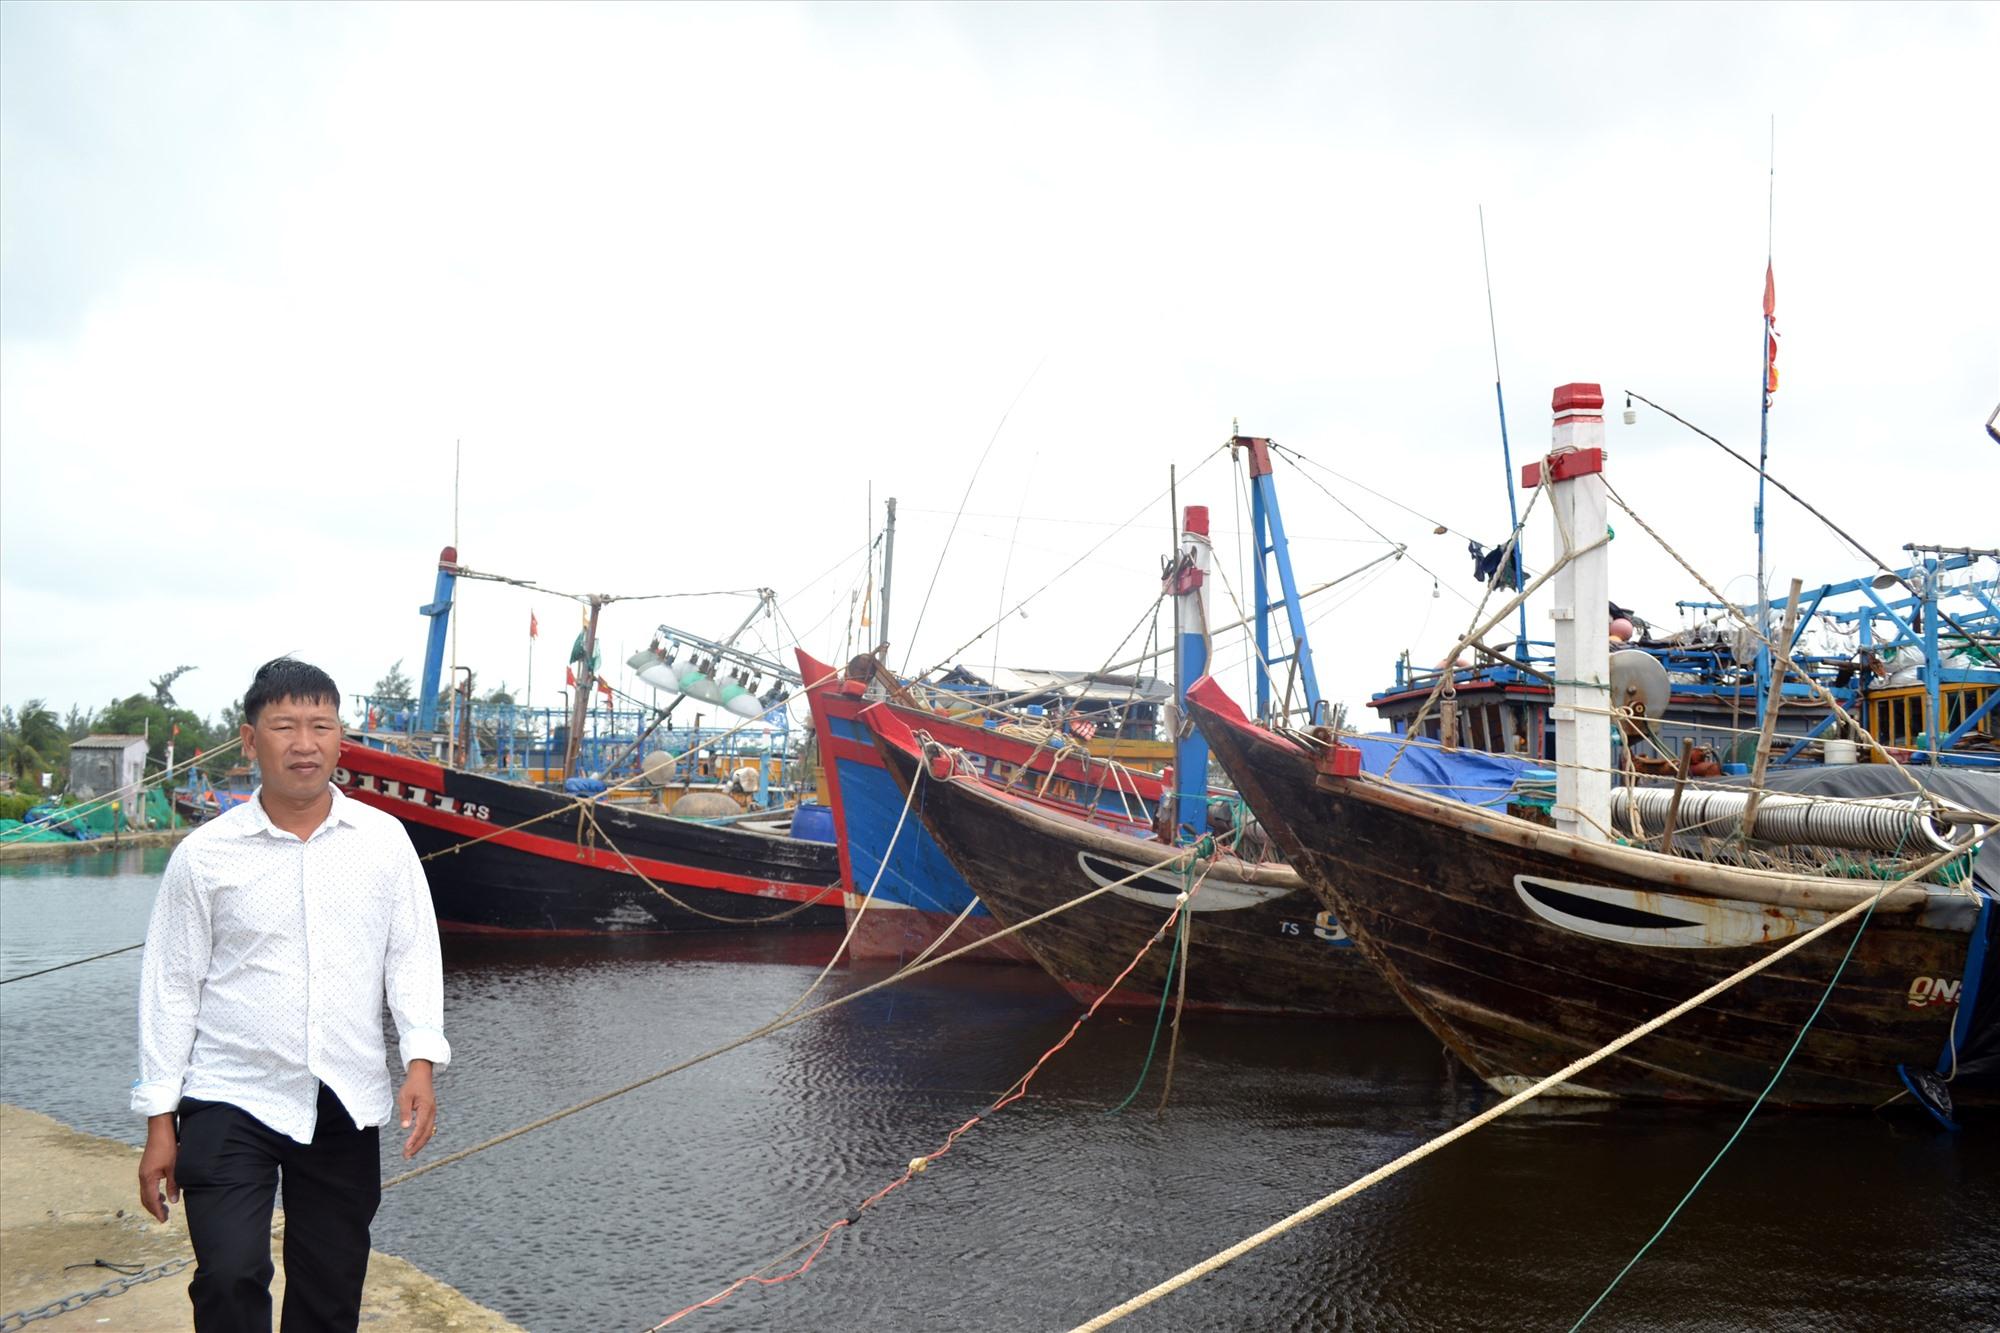 Âu thuyền Tam Tiến không đủ chỗ neo đậu cho tàu cá của ngư dân trên địa bàn xã. Ảnh: VIỆT NGUYỄN